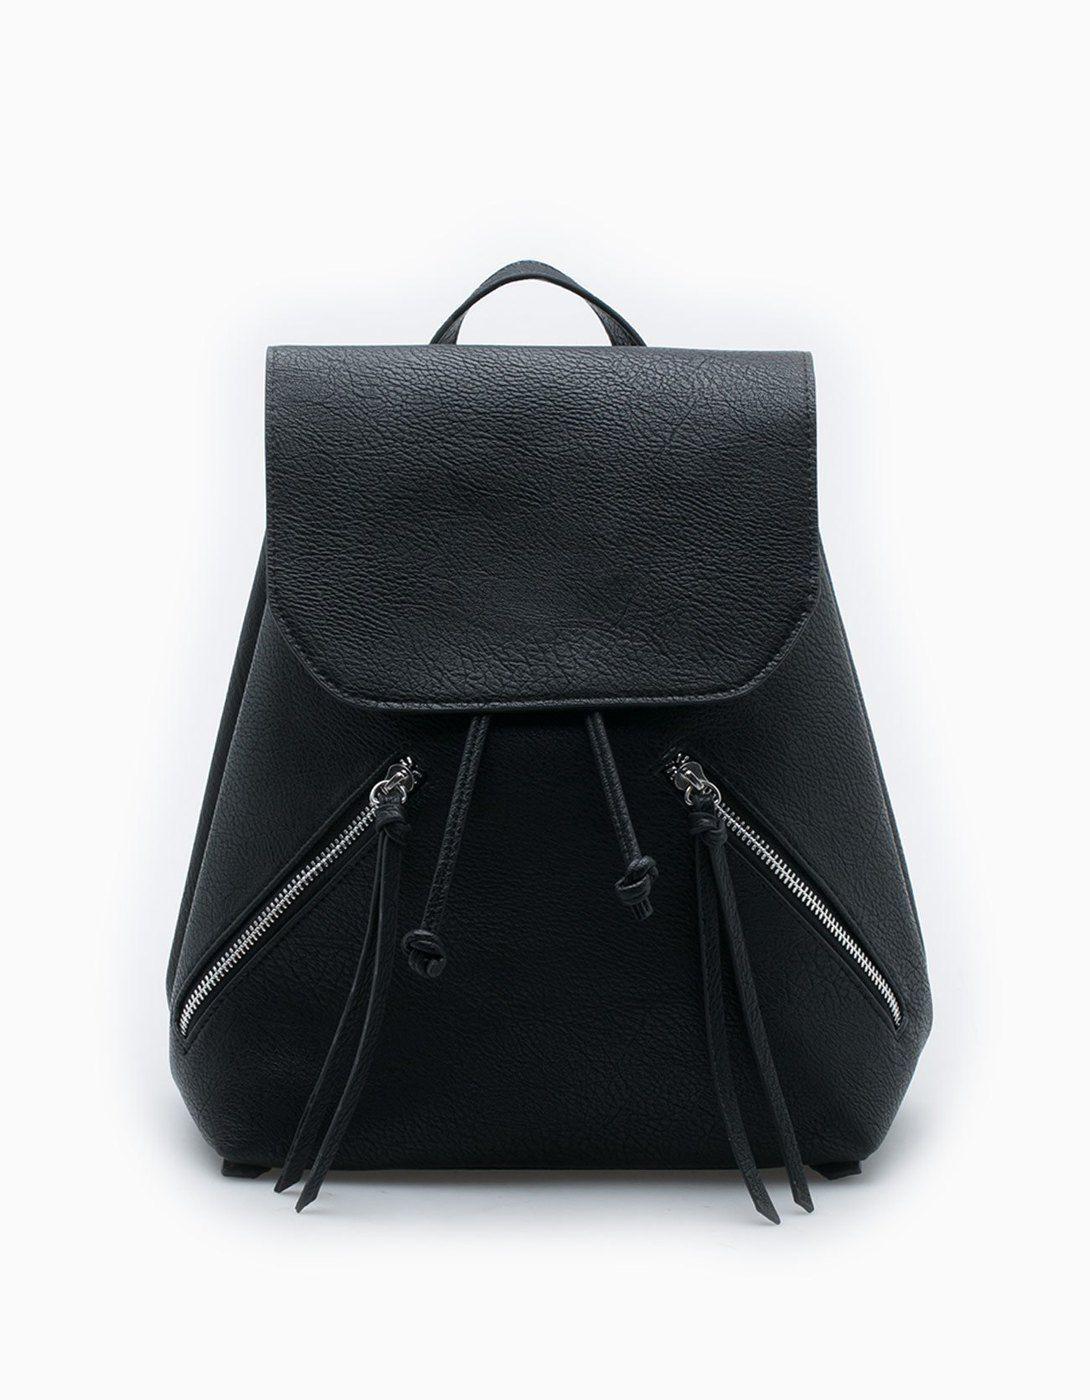 9c37f98be4fb Mini backpack with zip detail - Bags | Stradivarius Croatia | my ...